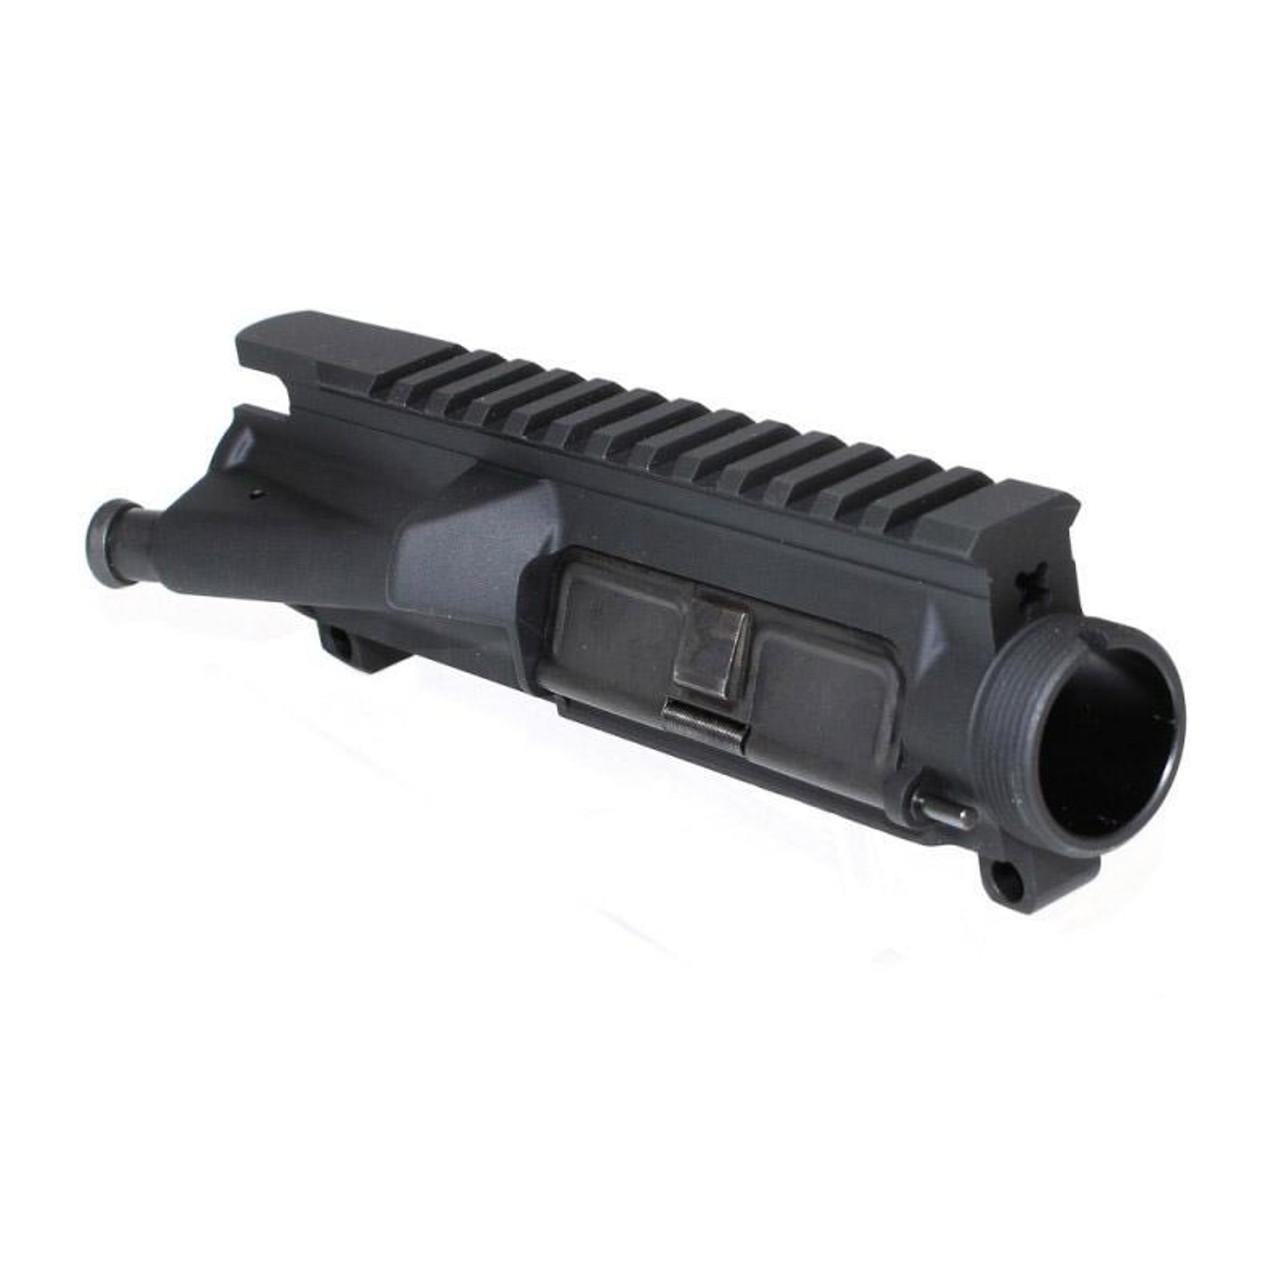 Ar 15 Assembled Upper Receiver, AR 15 Upper receiver, AR 15 Upper Parts